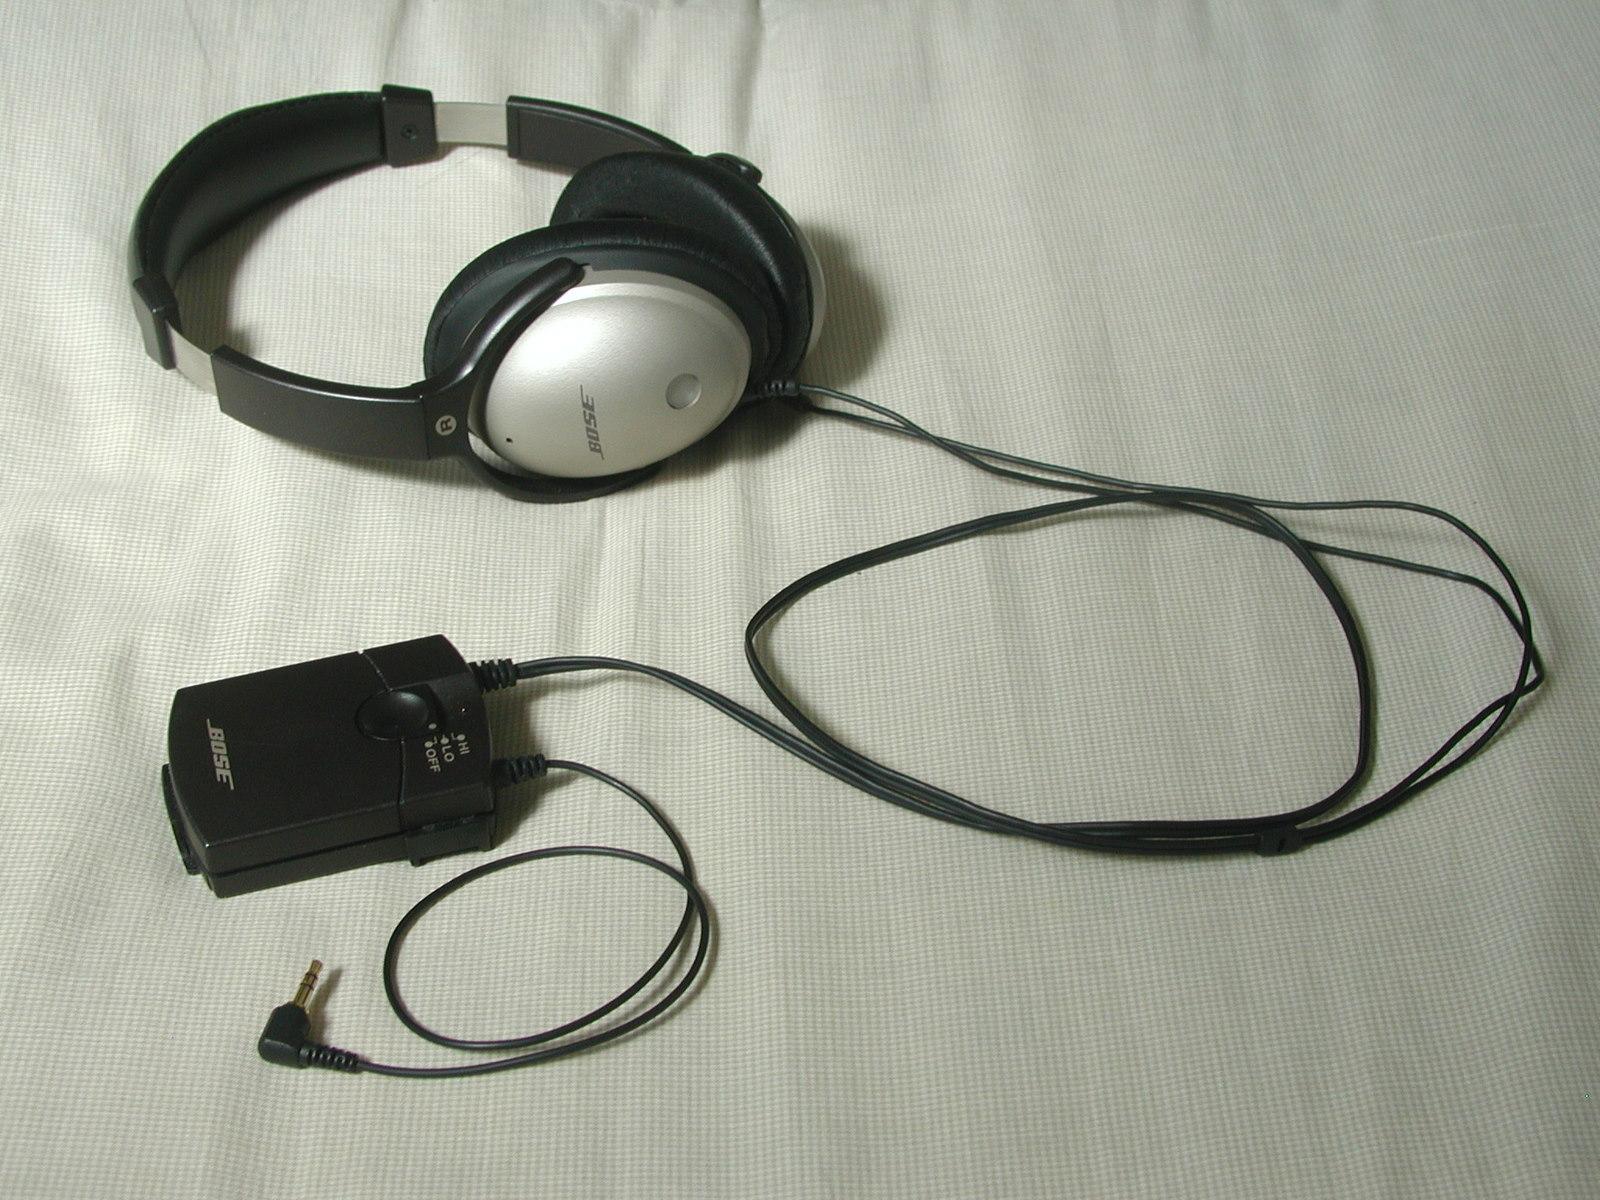 Bose Quiet Comfort1 اول سماعة مضادة للضجيج في العالم - الغاء الضجيج المحيط في السماعات